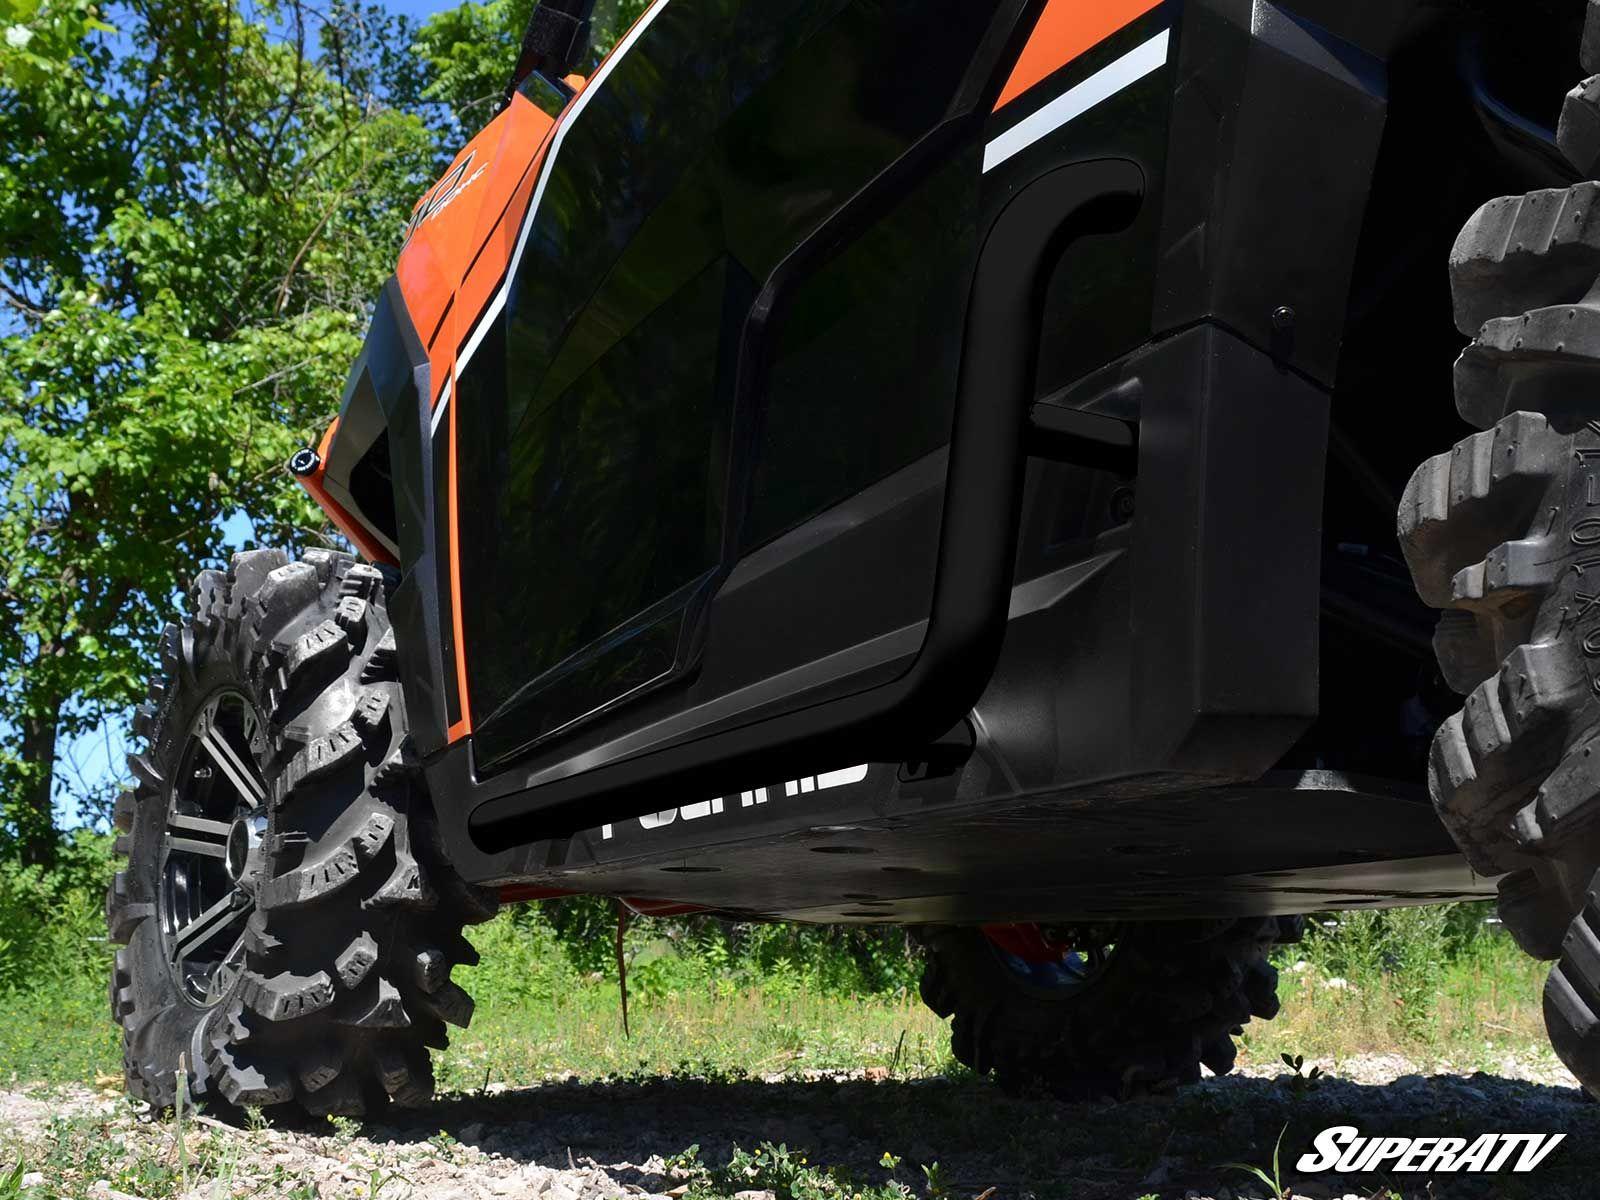 Super Atv Nerf Bars Polaris General Rzr 900 Rzr Xp 1000 Black Utv Canada